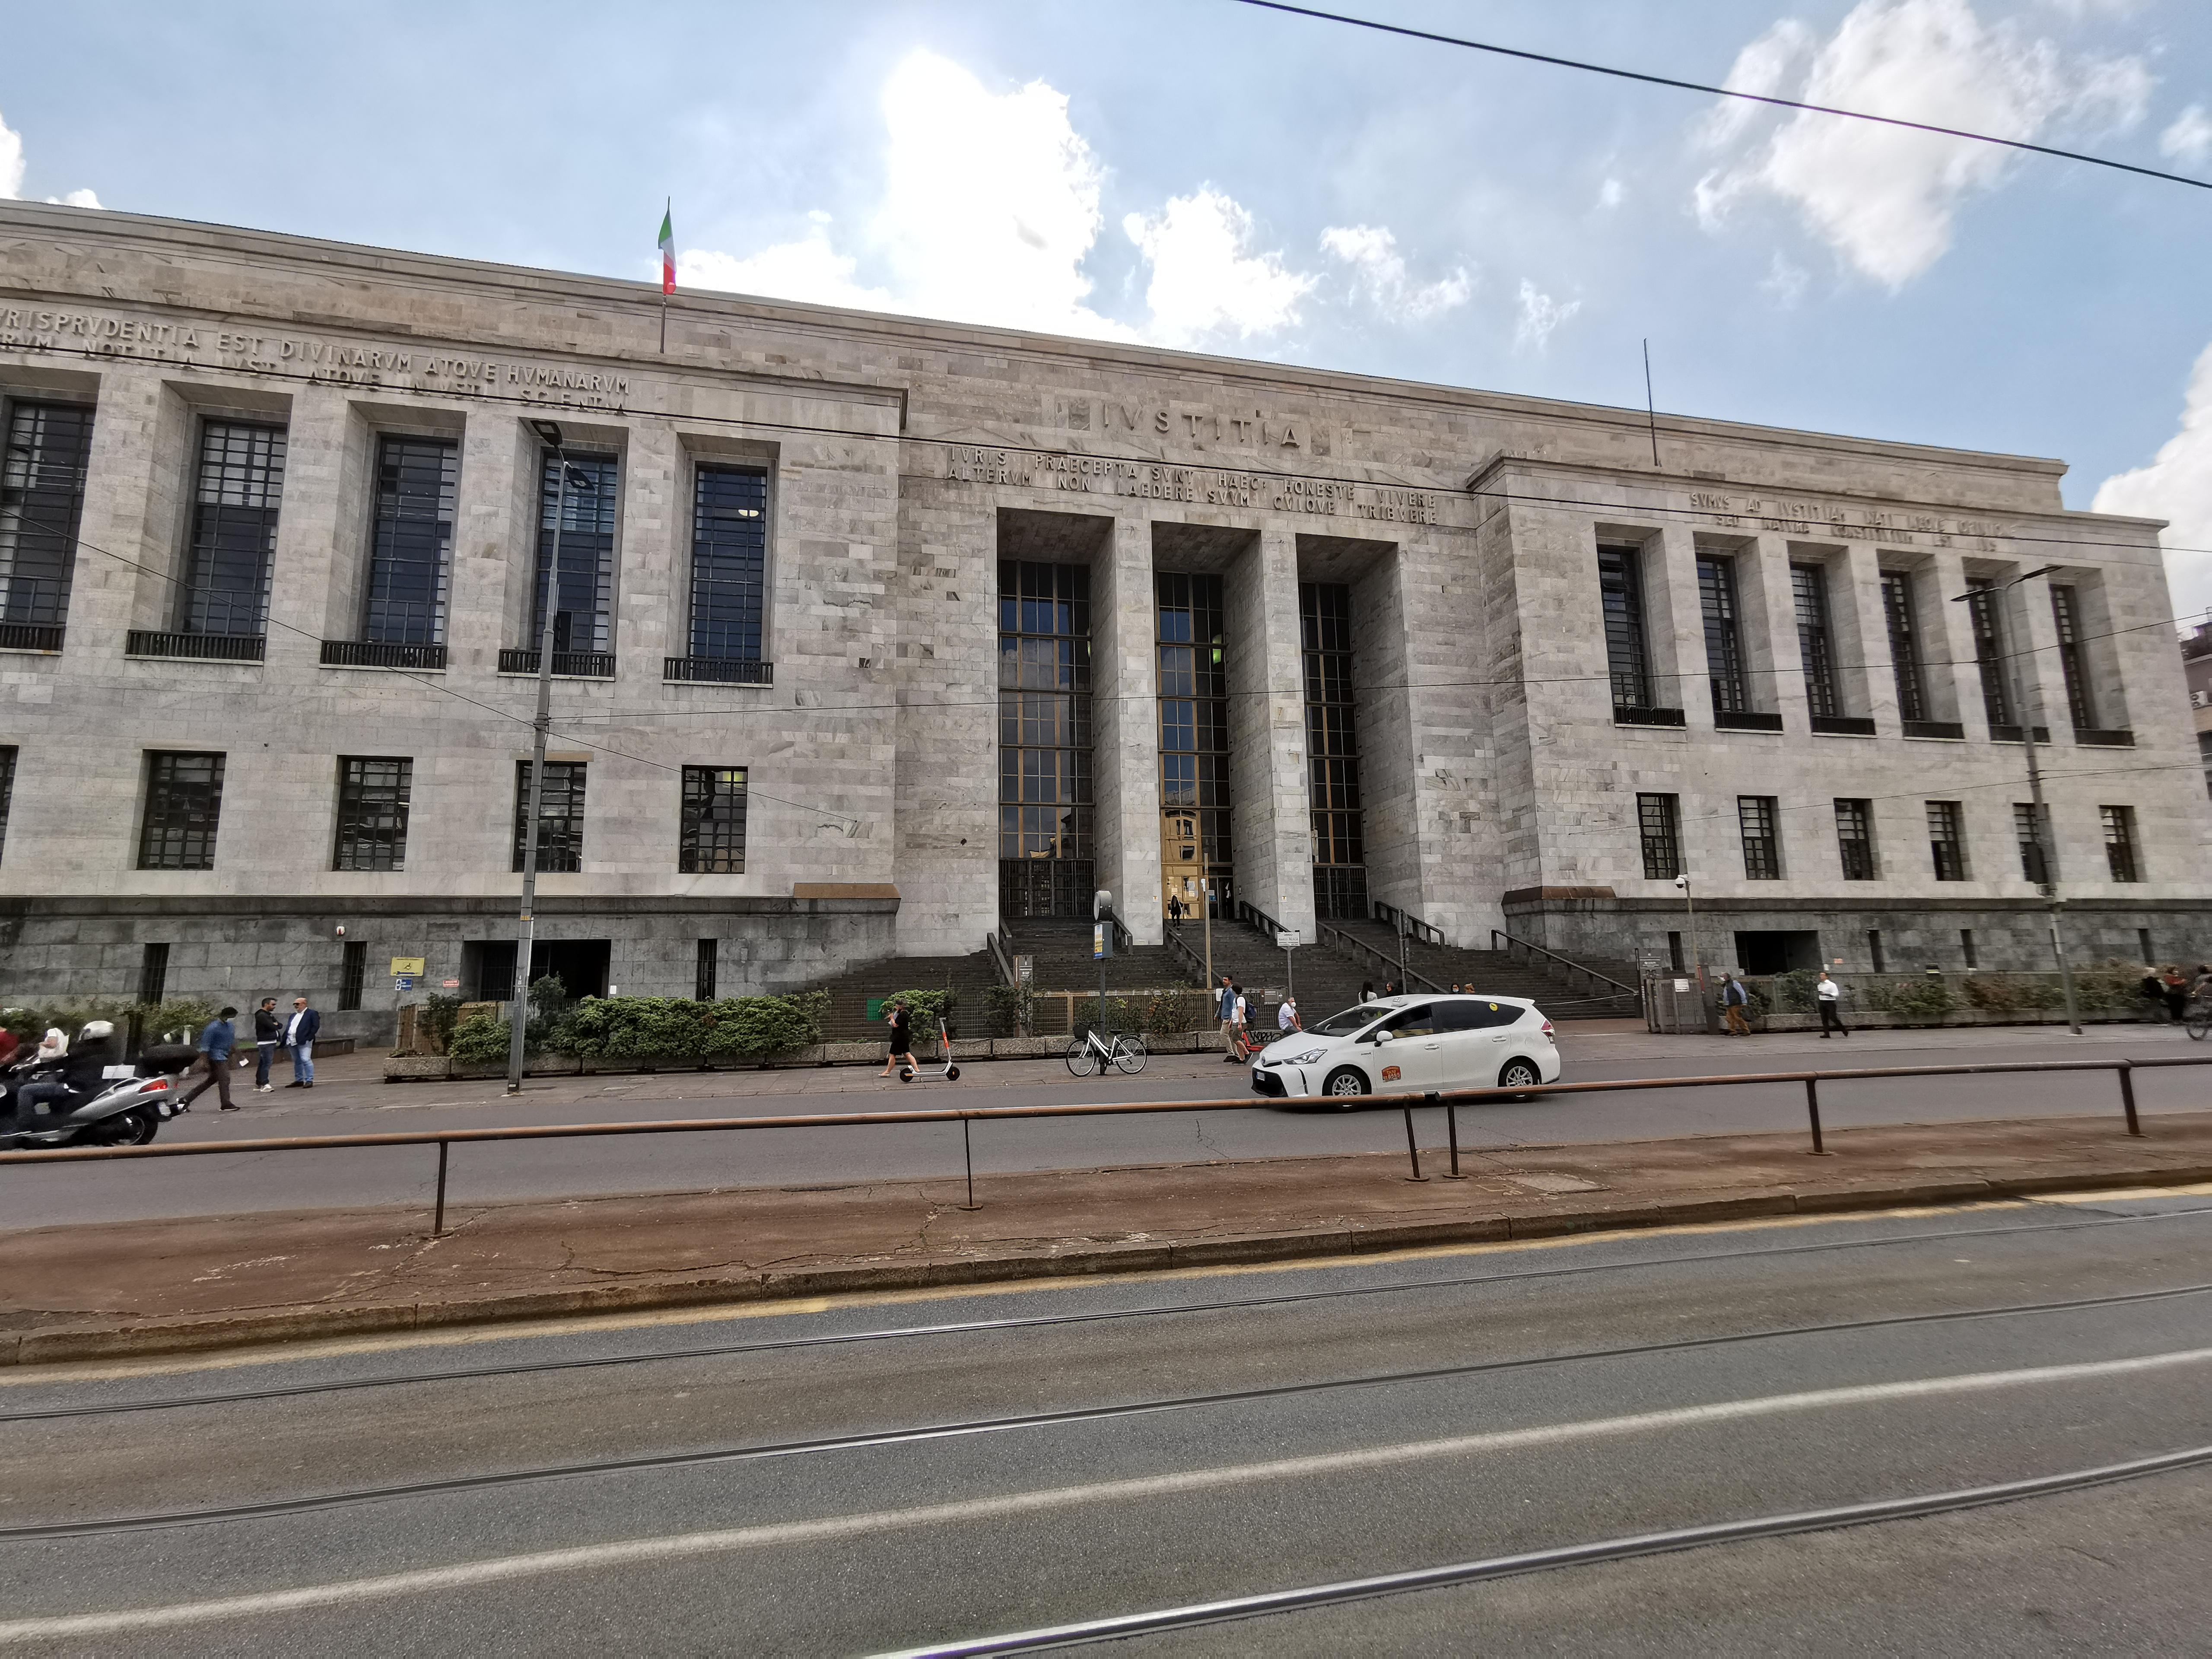 Фото: Массиміліано Меллей Будівля Міланського суду, де відбудеться розгляд апеляції щодо Марківа